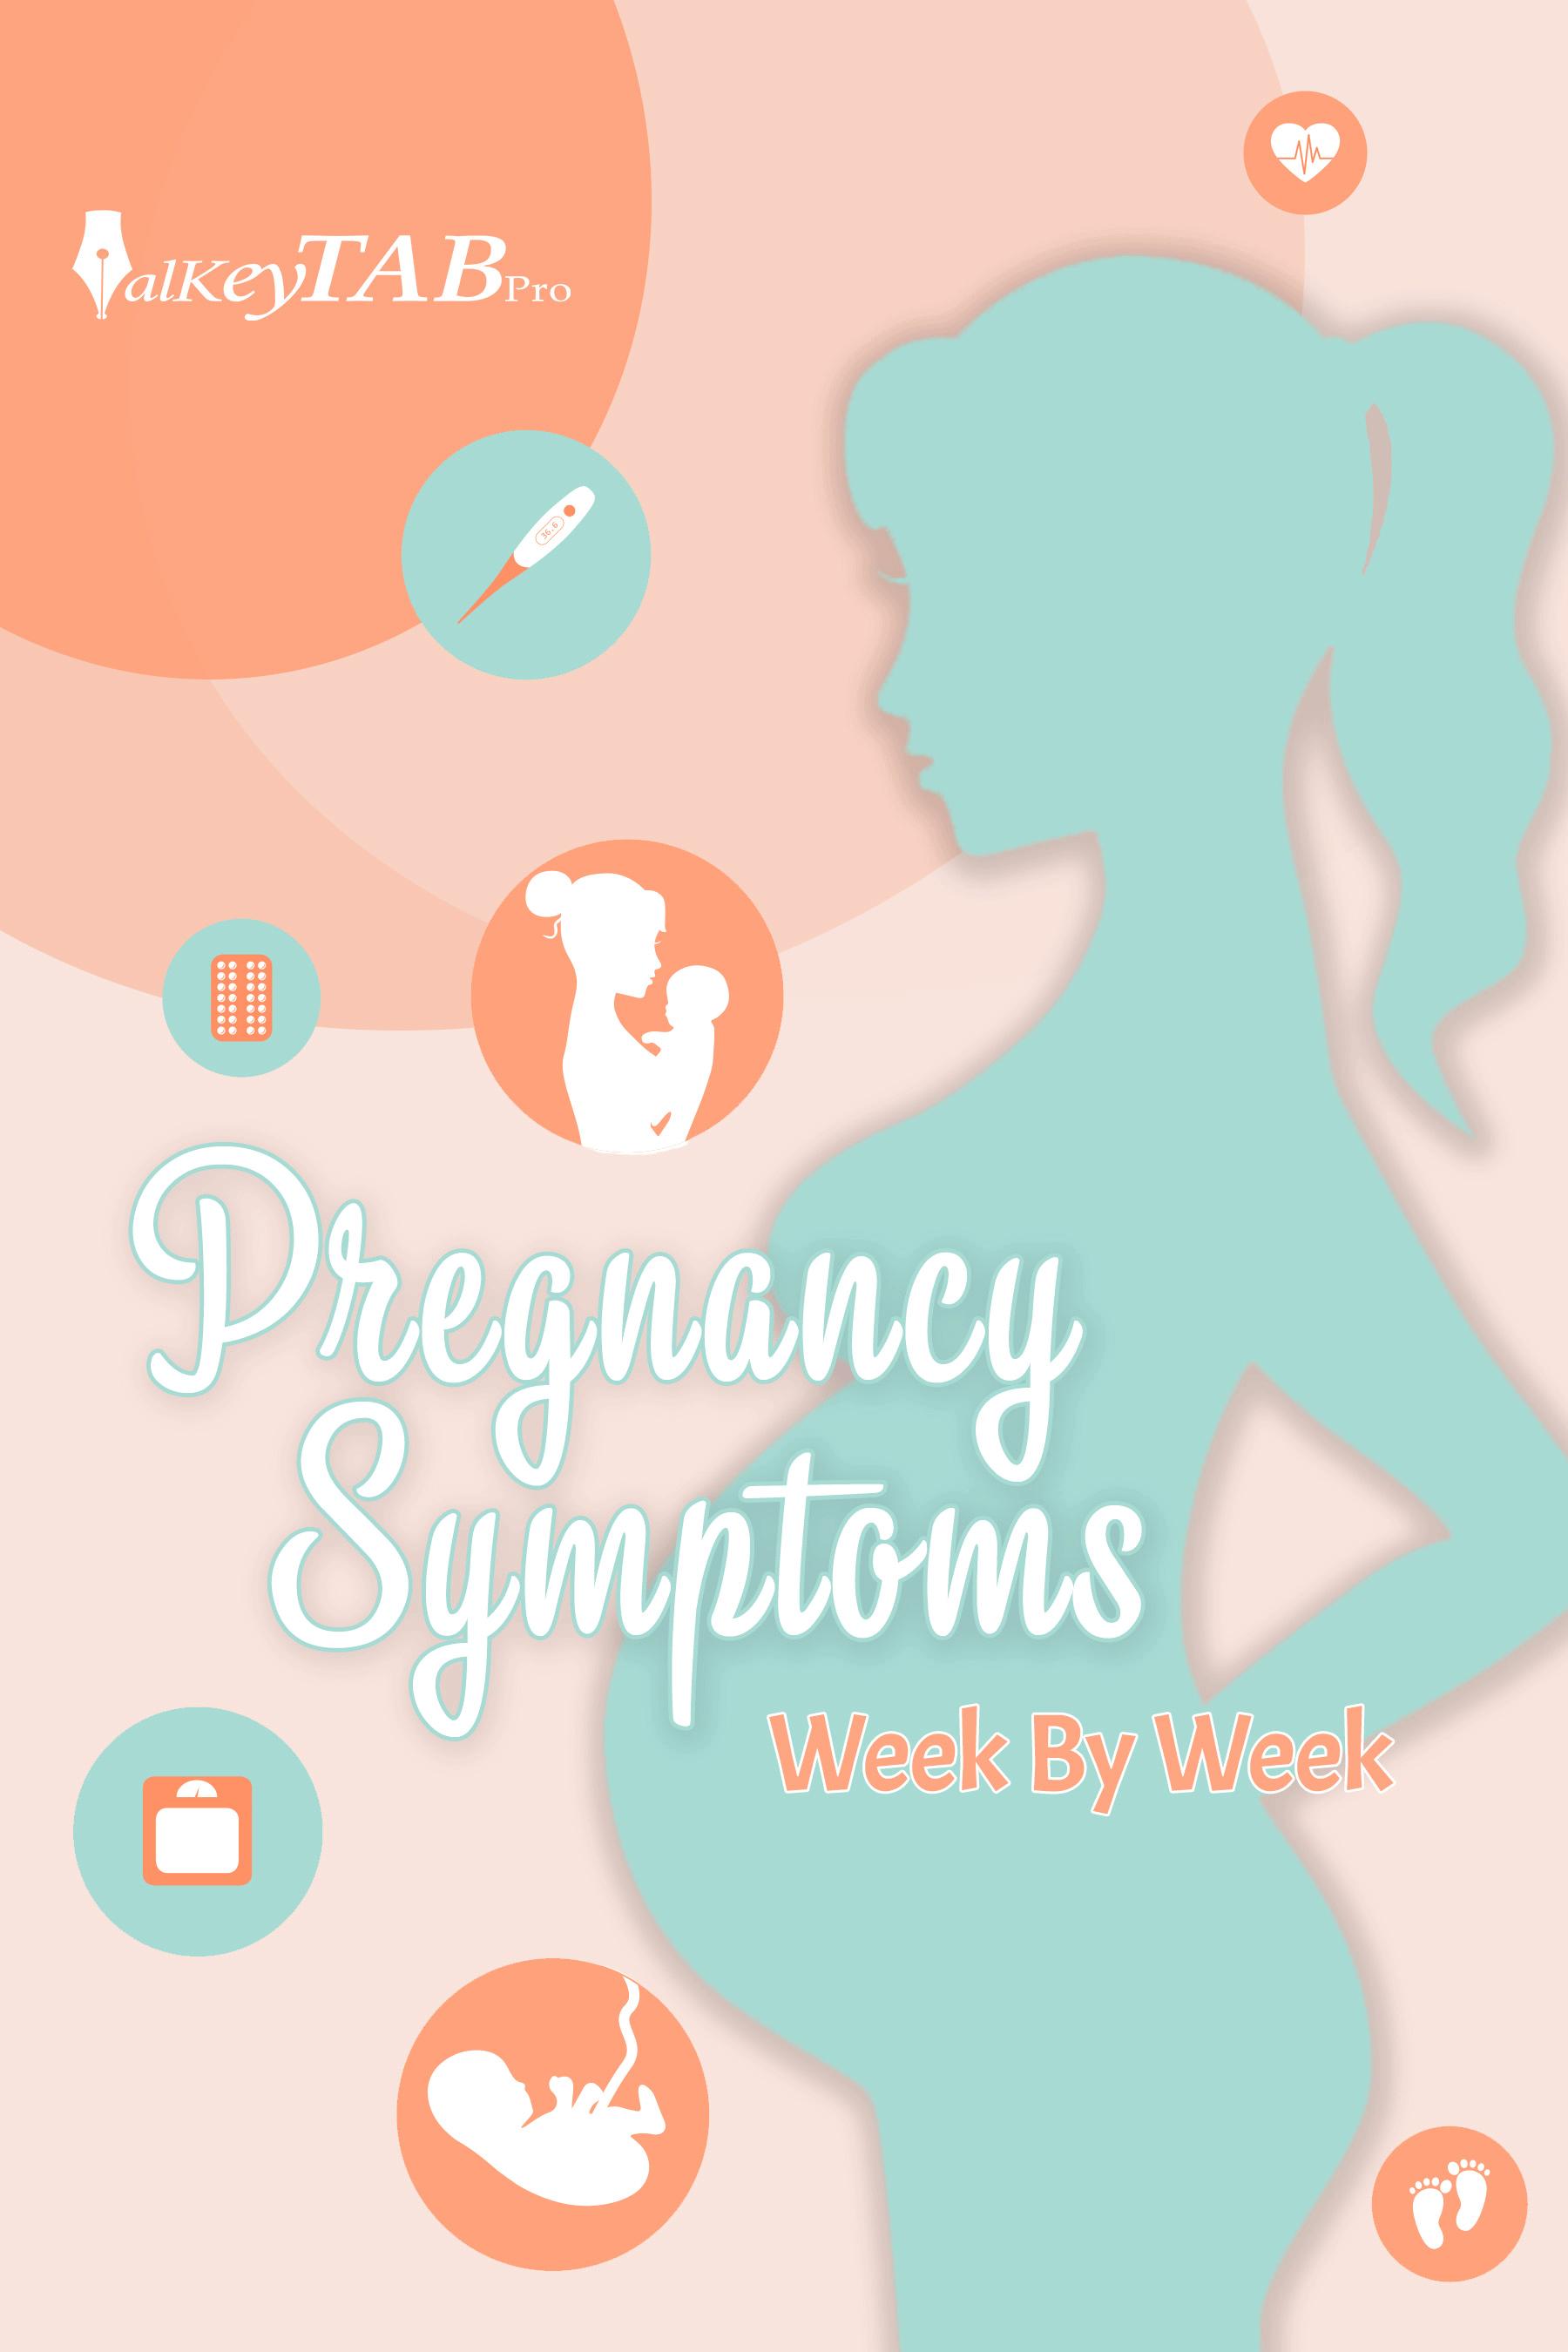 Pregnancy Symptoms Week By Week